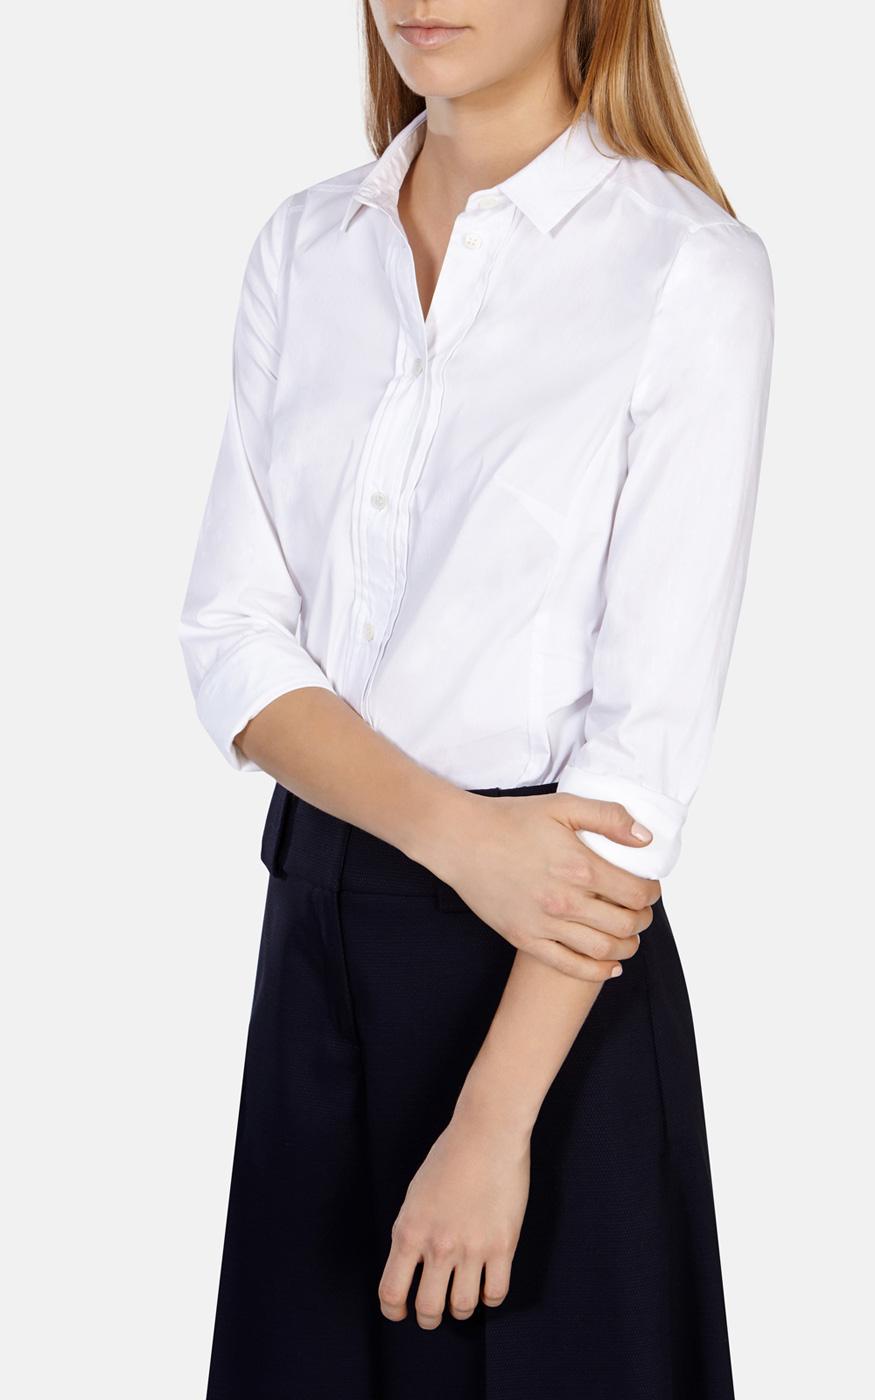 ada60c91c00d Karen Millen Tailored White Shirt in White - Lyst